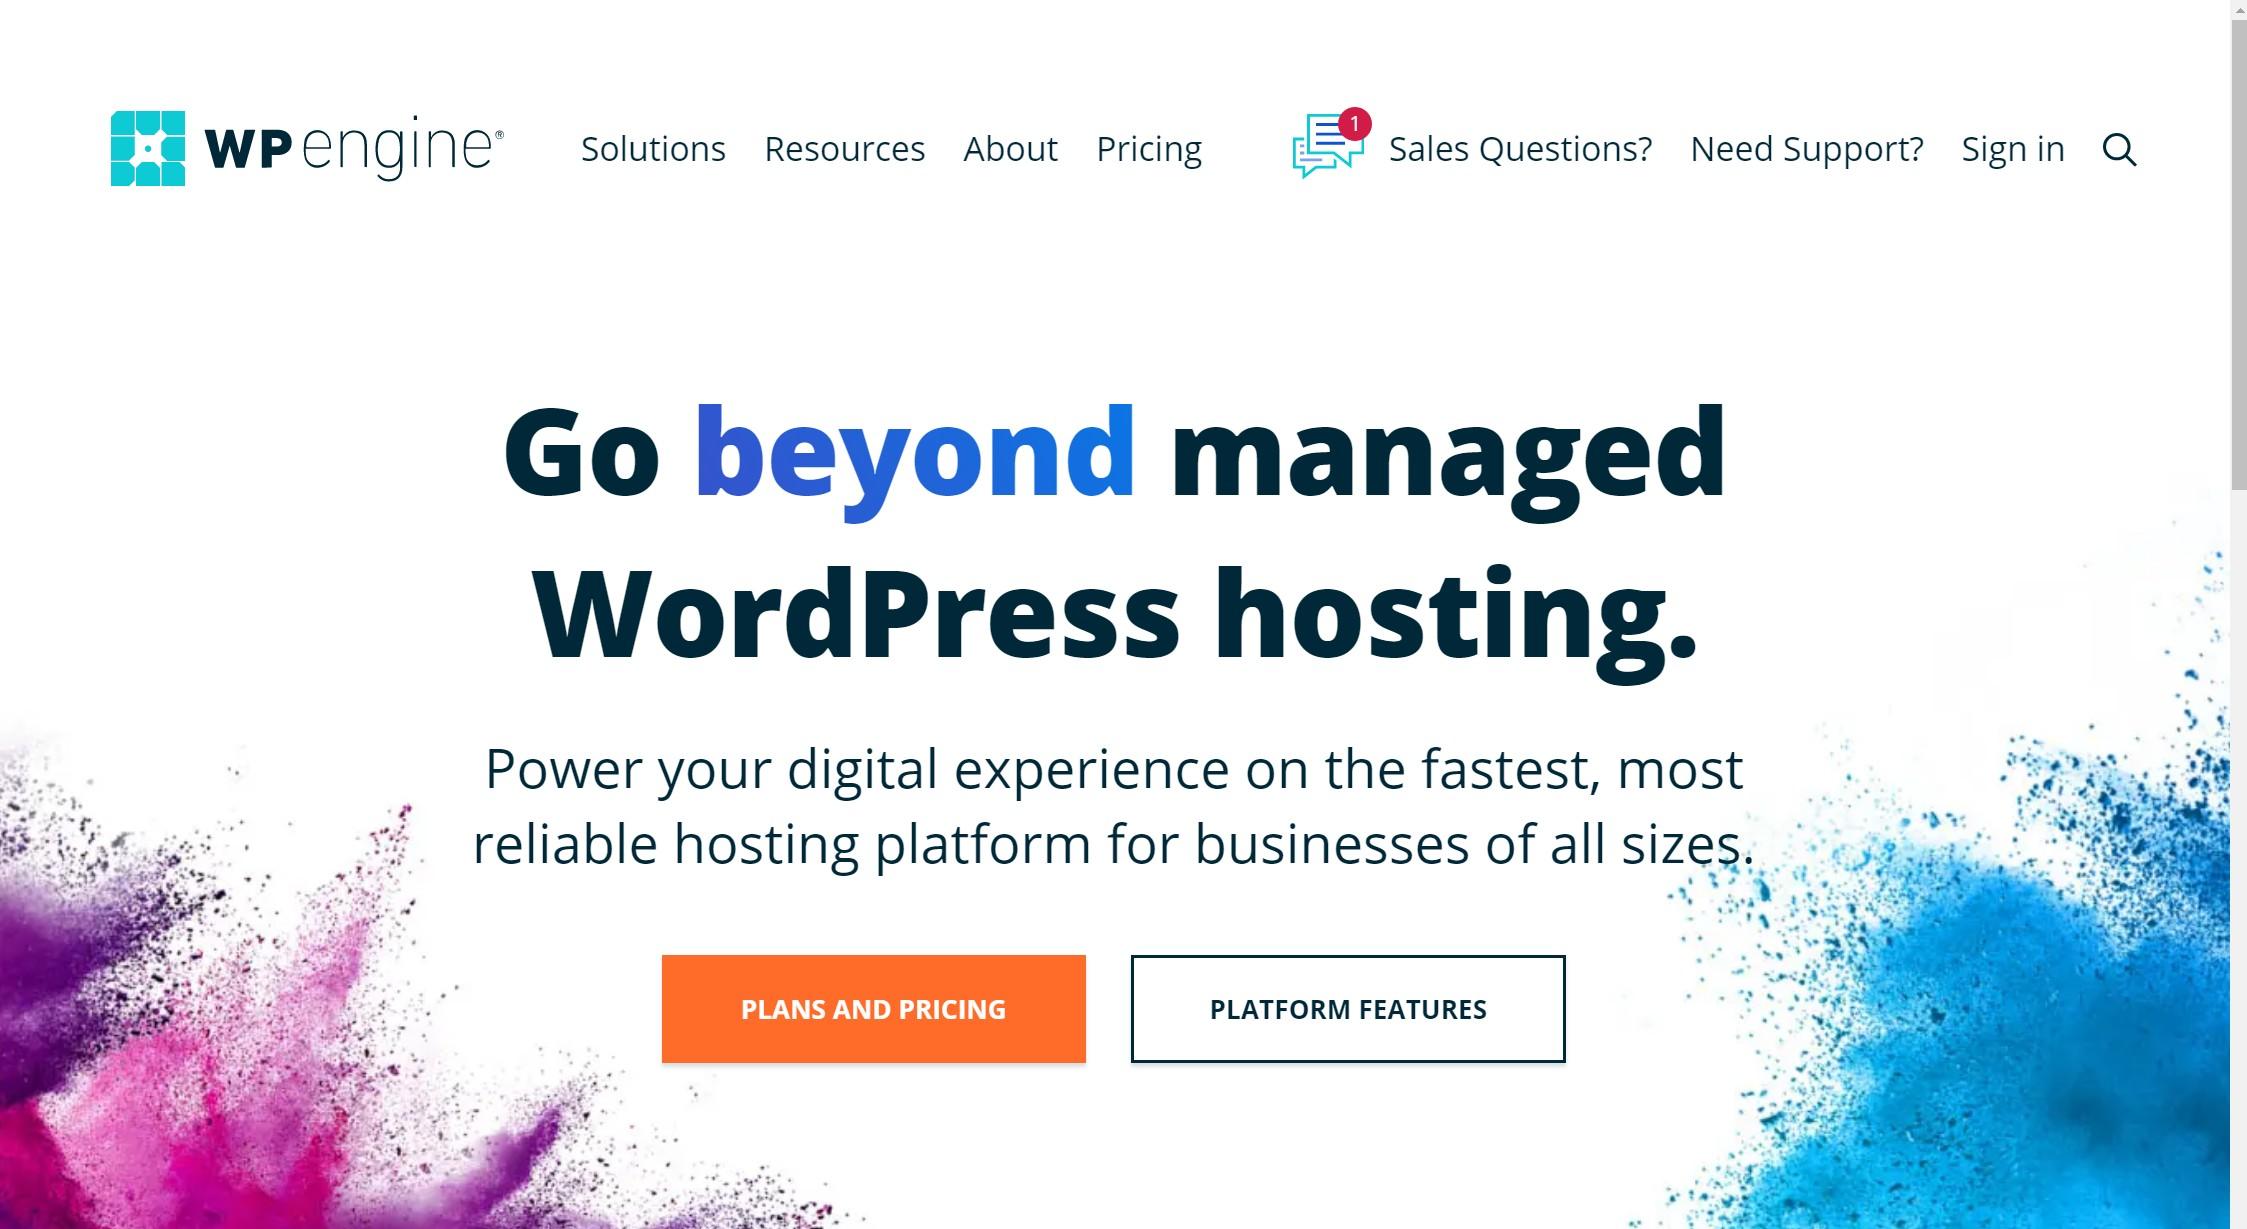 Las mejores 9 opciones de alojamiento de WordPress comparadas (2021) - 1630938220 465 Las mejores 9 opciones de alojamiento de WordPress comparadas 2021